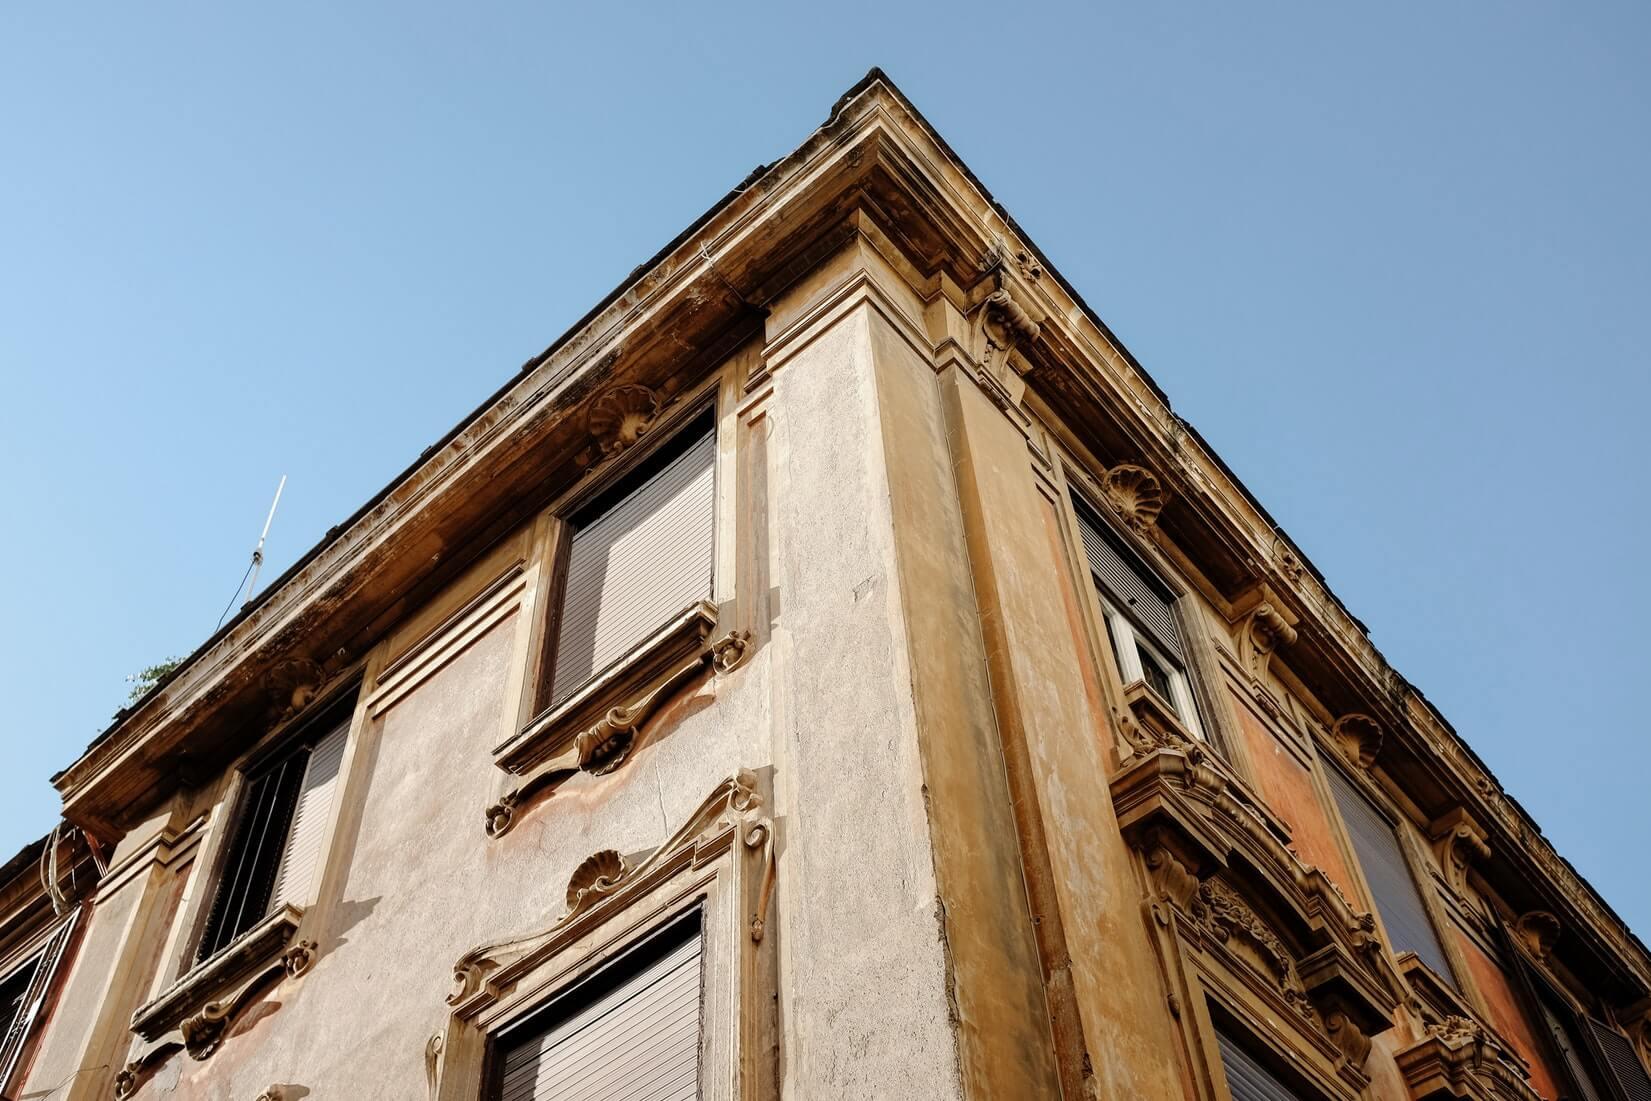 Что обязательно посмотреть в Риме самостоятельно за 5 дней и где?